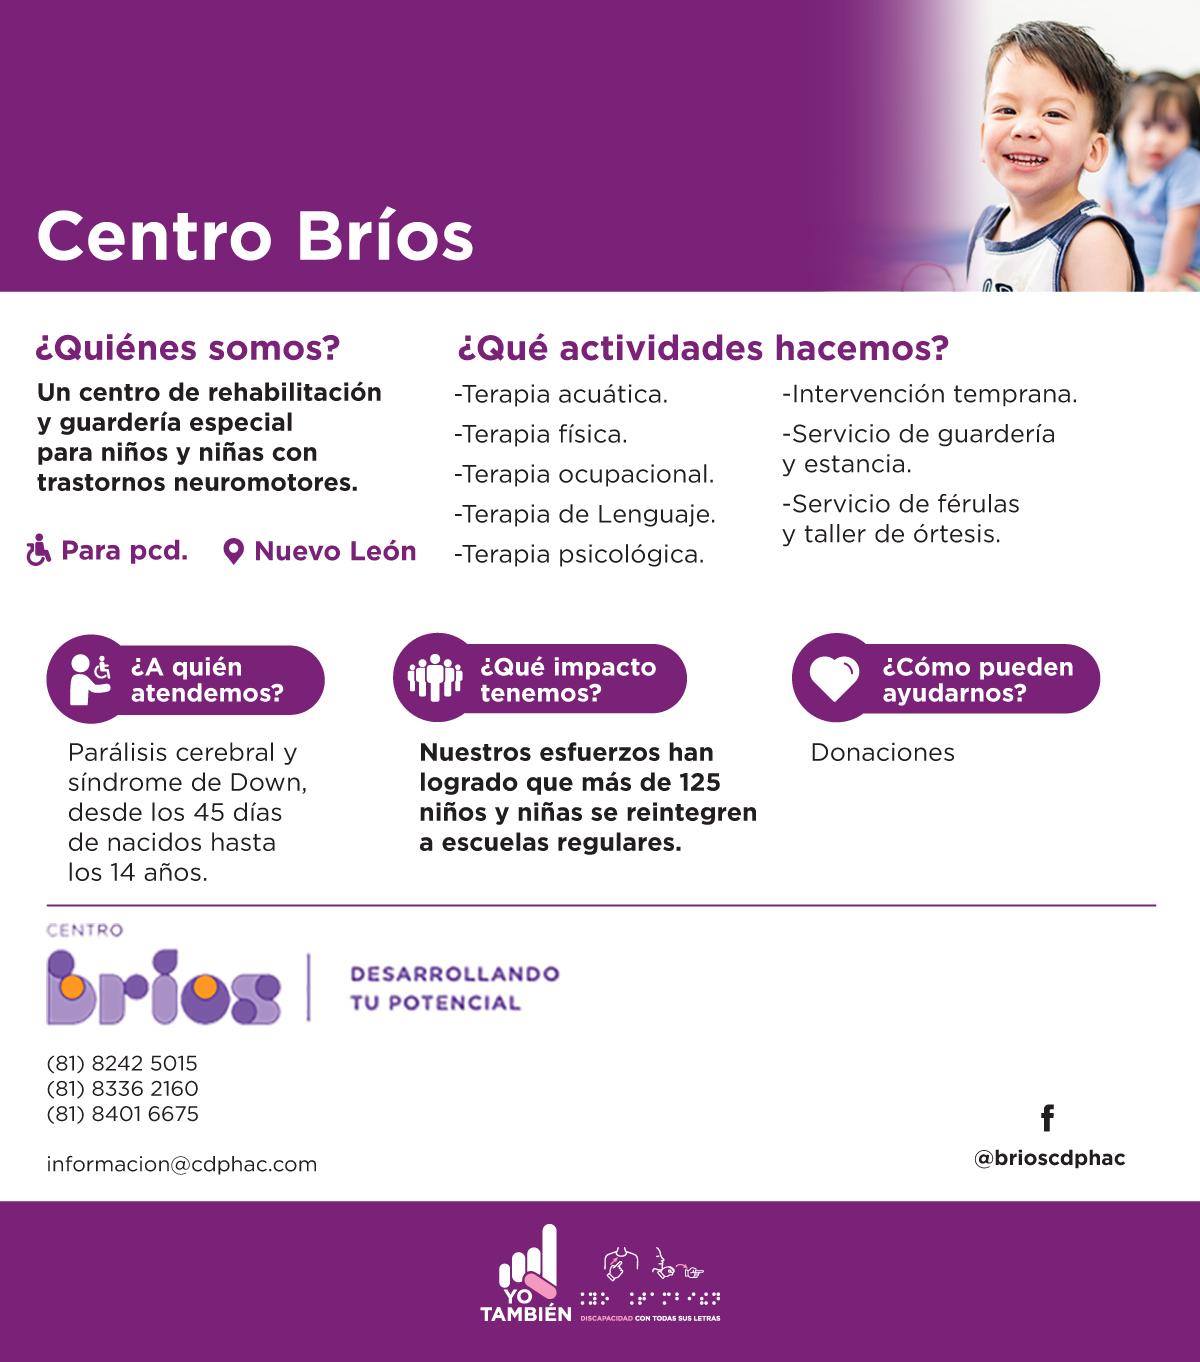 Centro Bríos. Un centro de rehabilitación y guardería especial para niños y niñas con trastornos neuromotores.